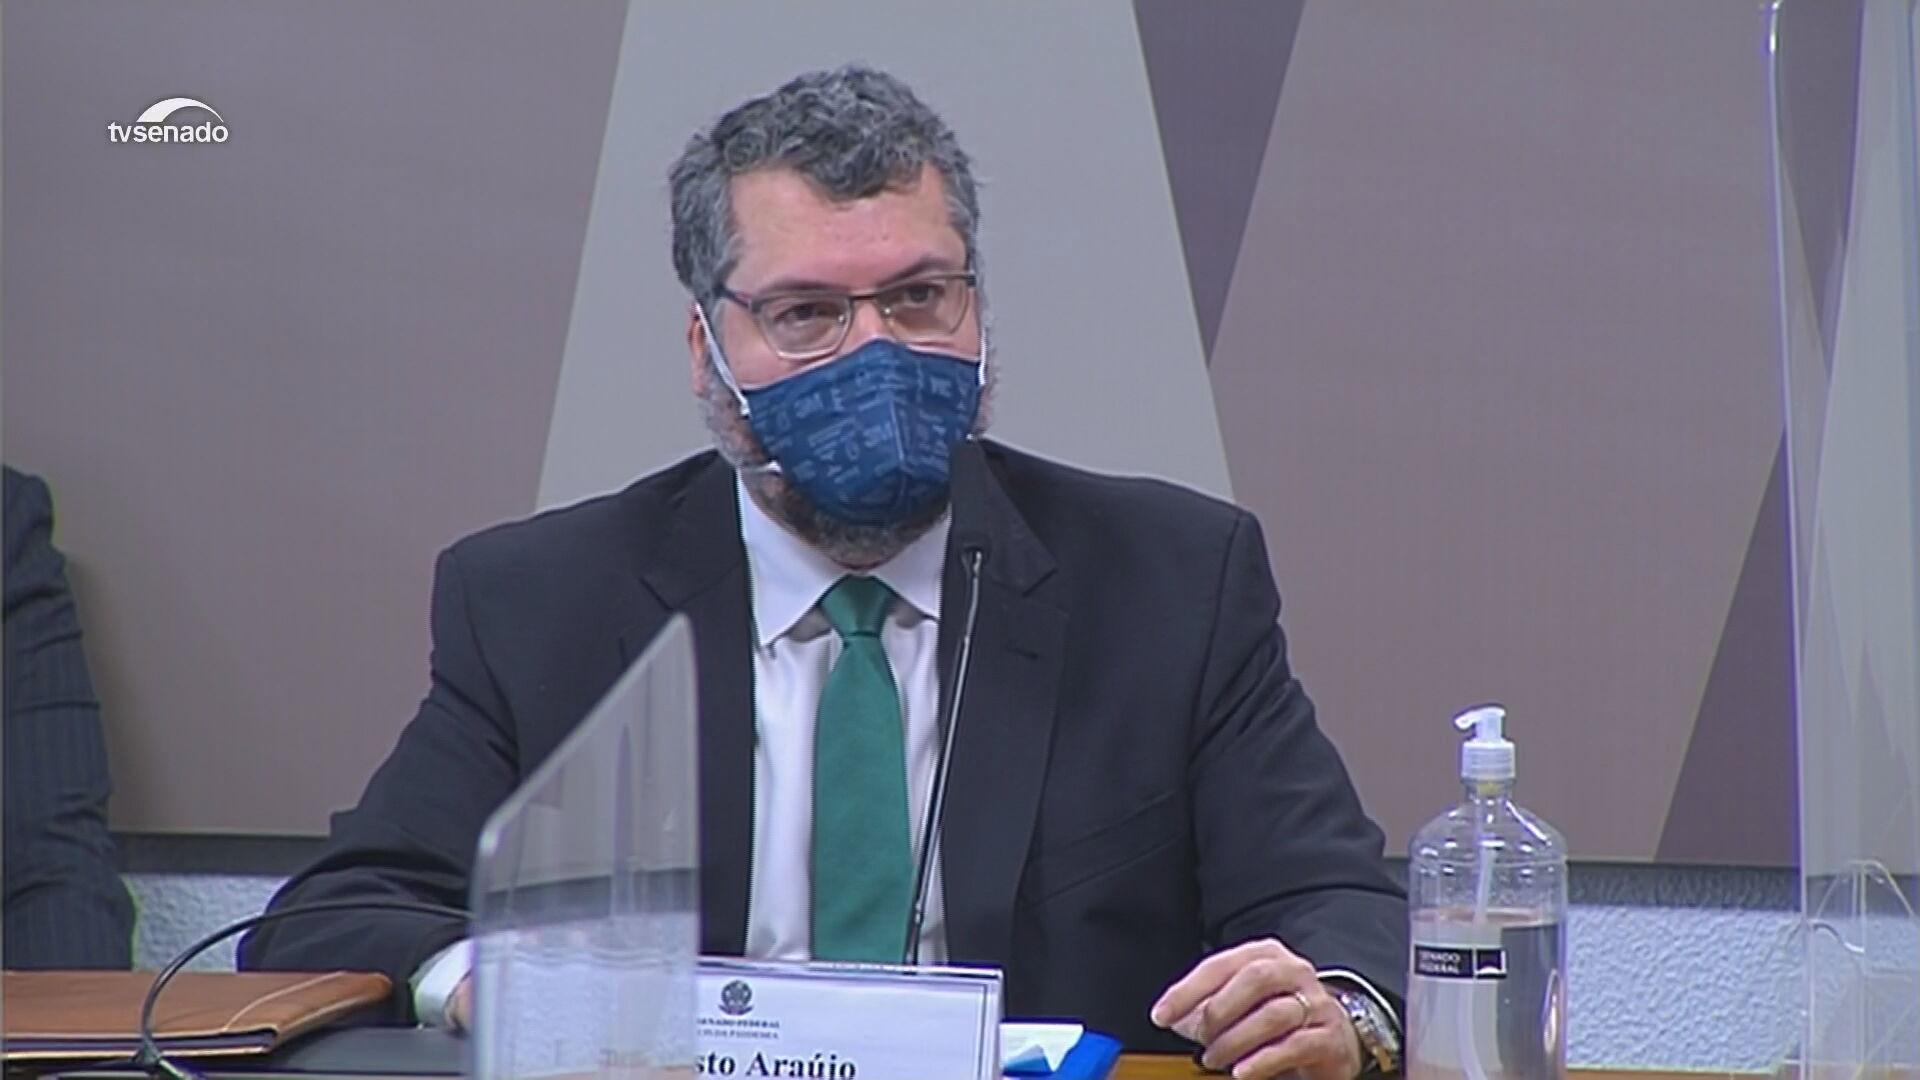 Ernesto Araújo, ex-ministro das Relações Exteriores, fala à CPI da Pandemia